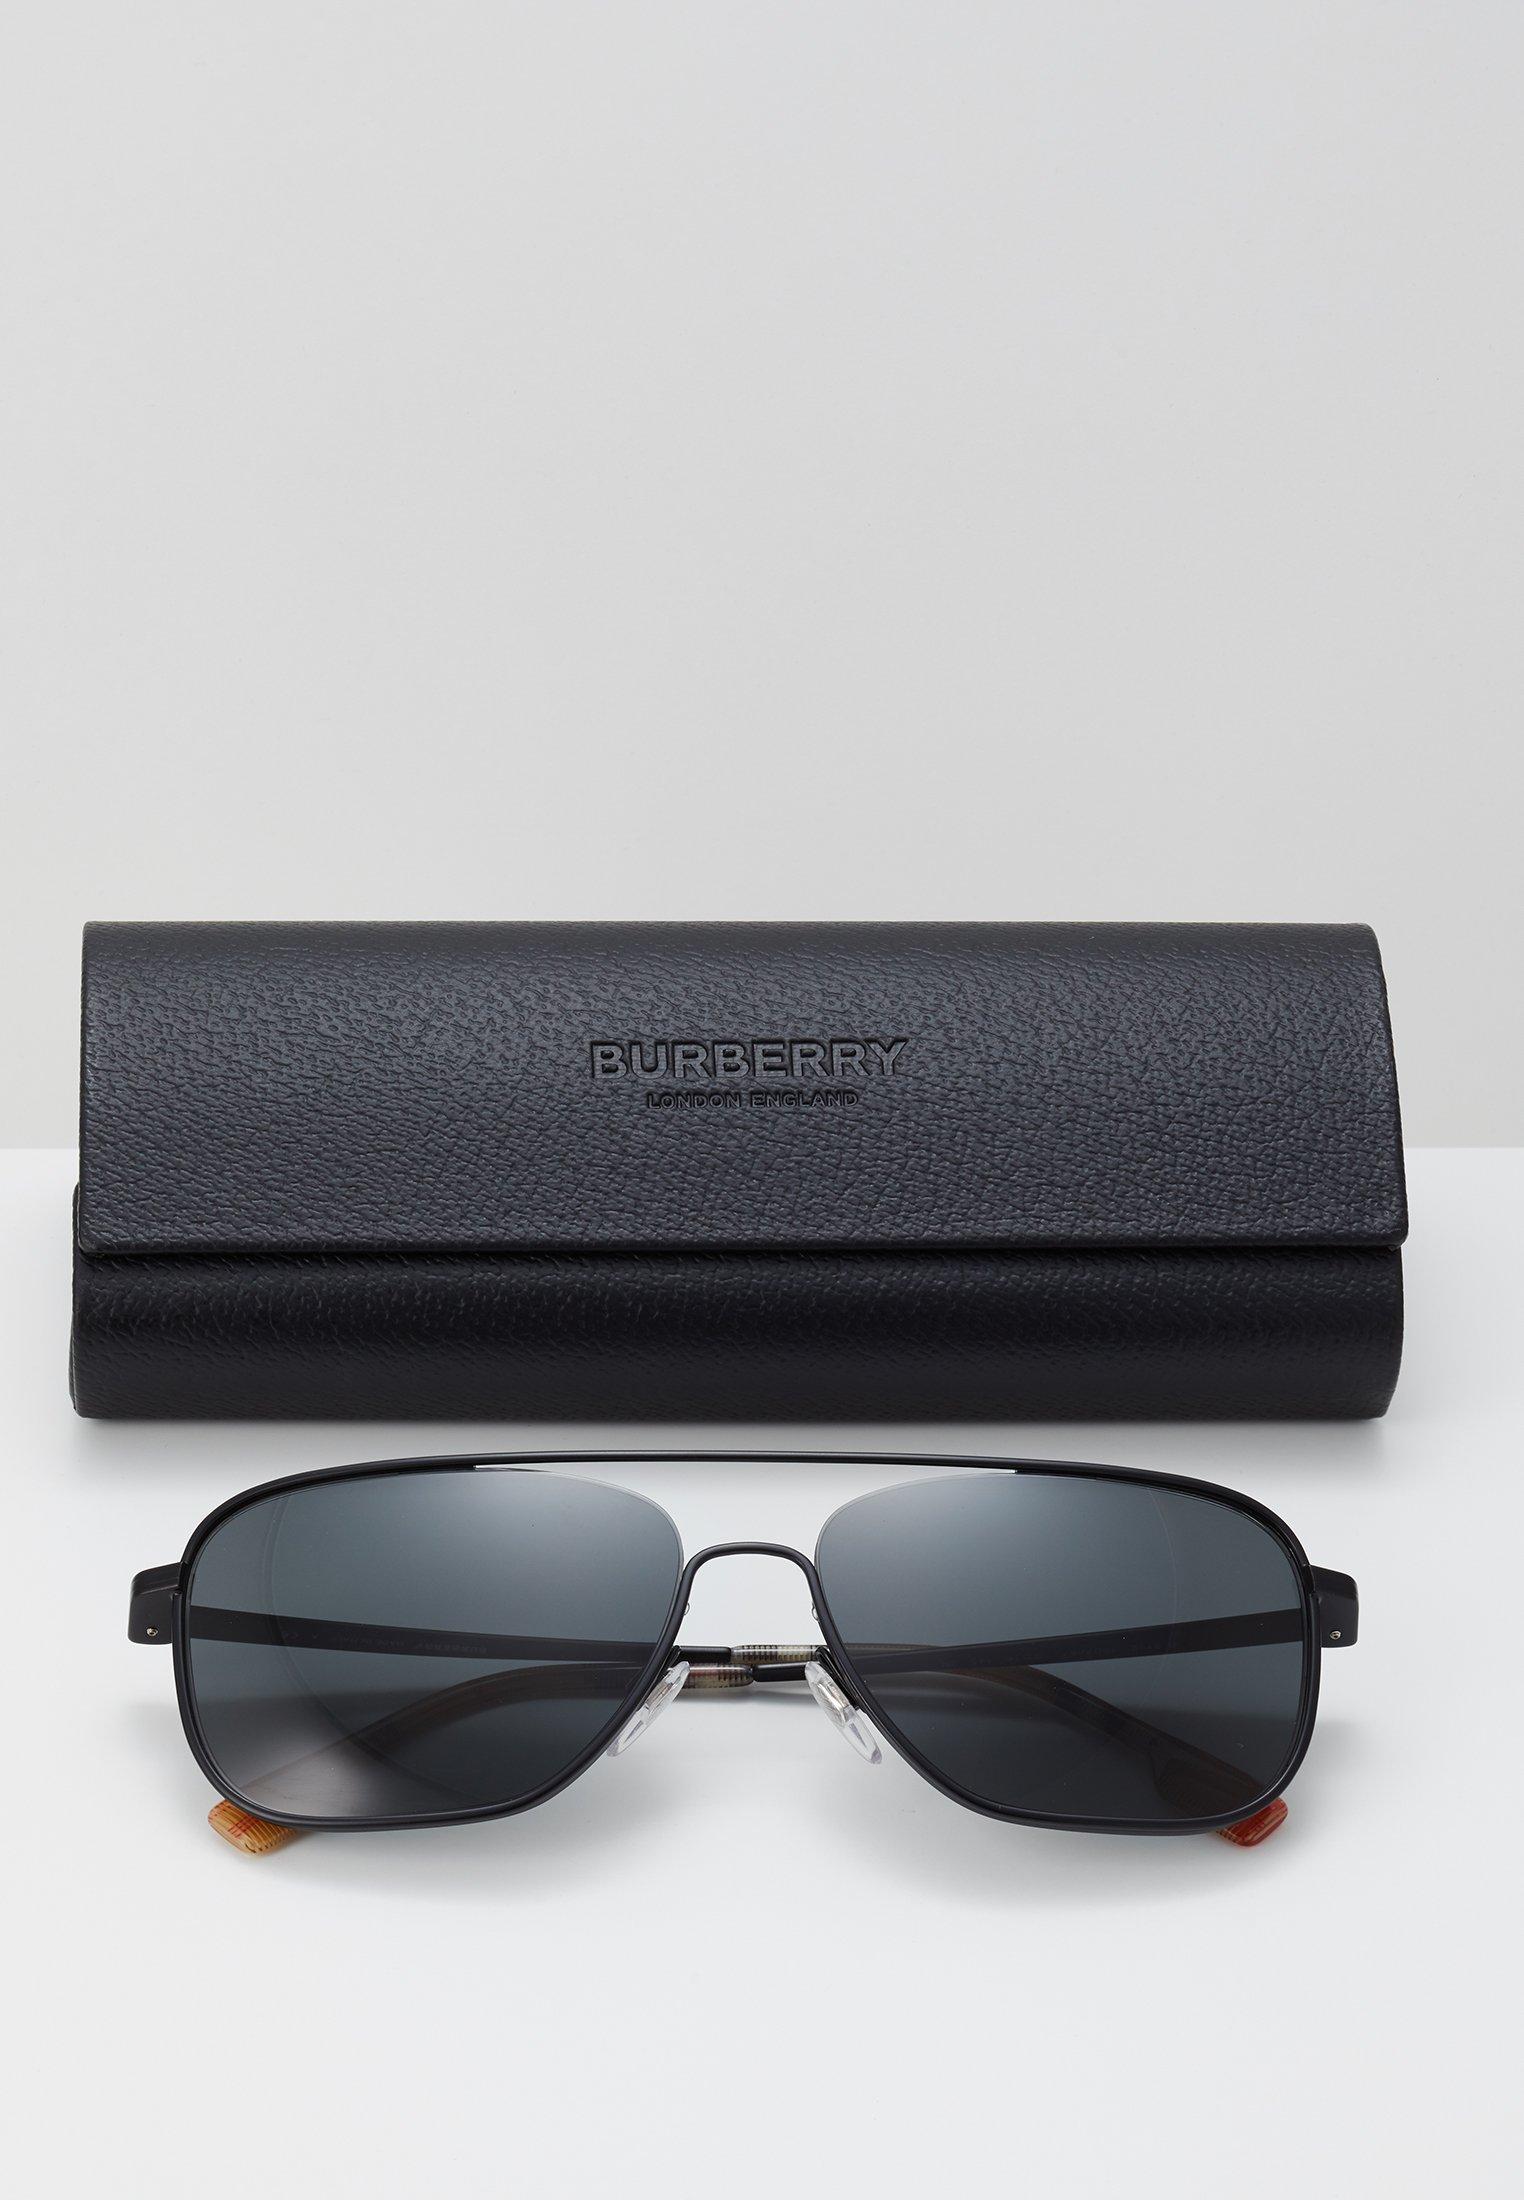 Burberry Solbriller - matte black/svart ocB5zGi8RxohAeJ